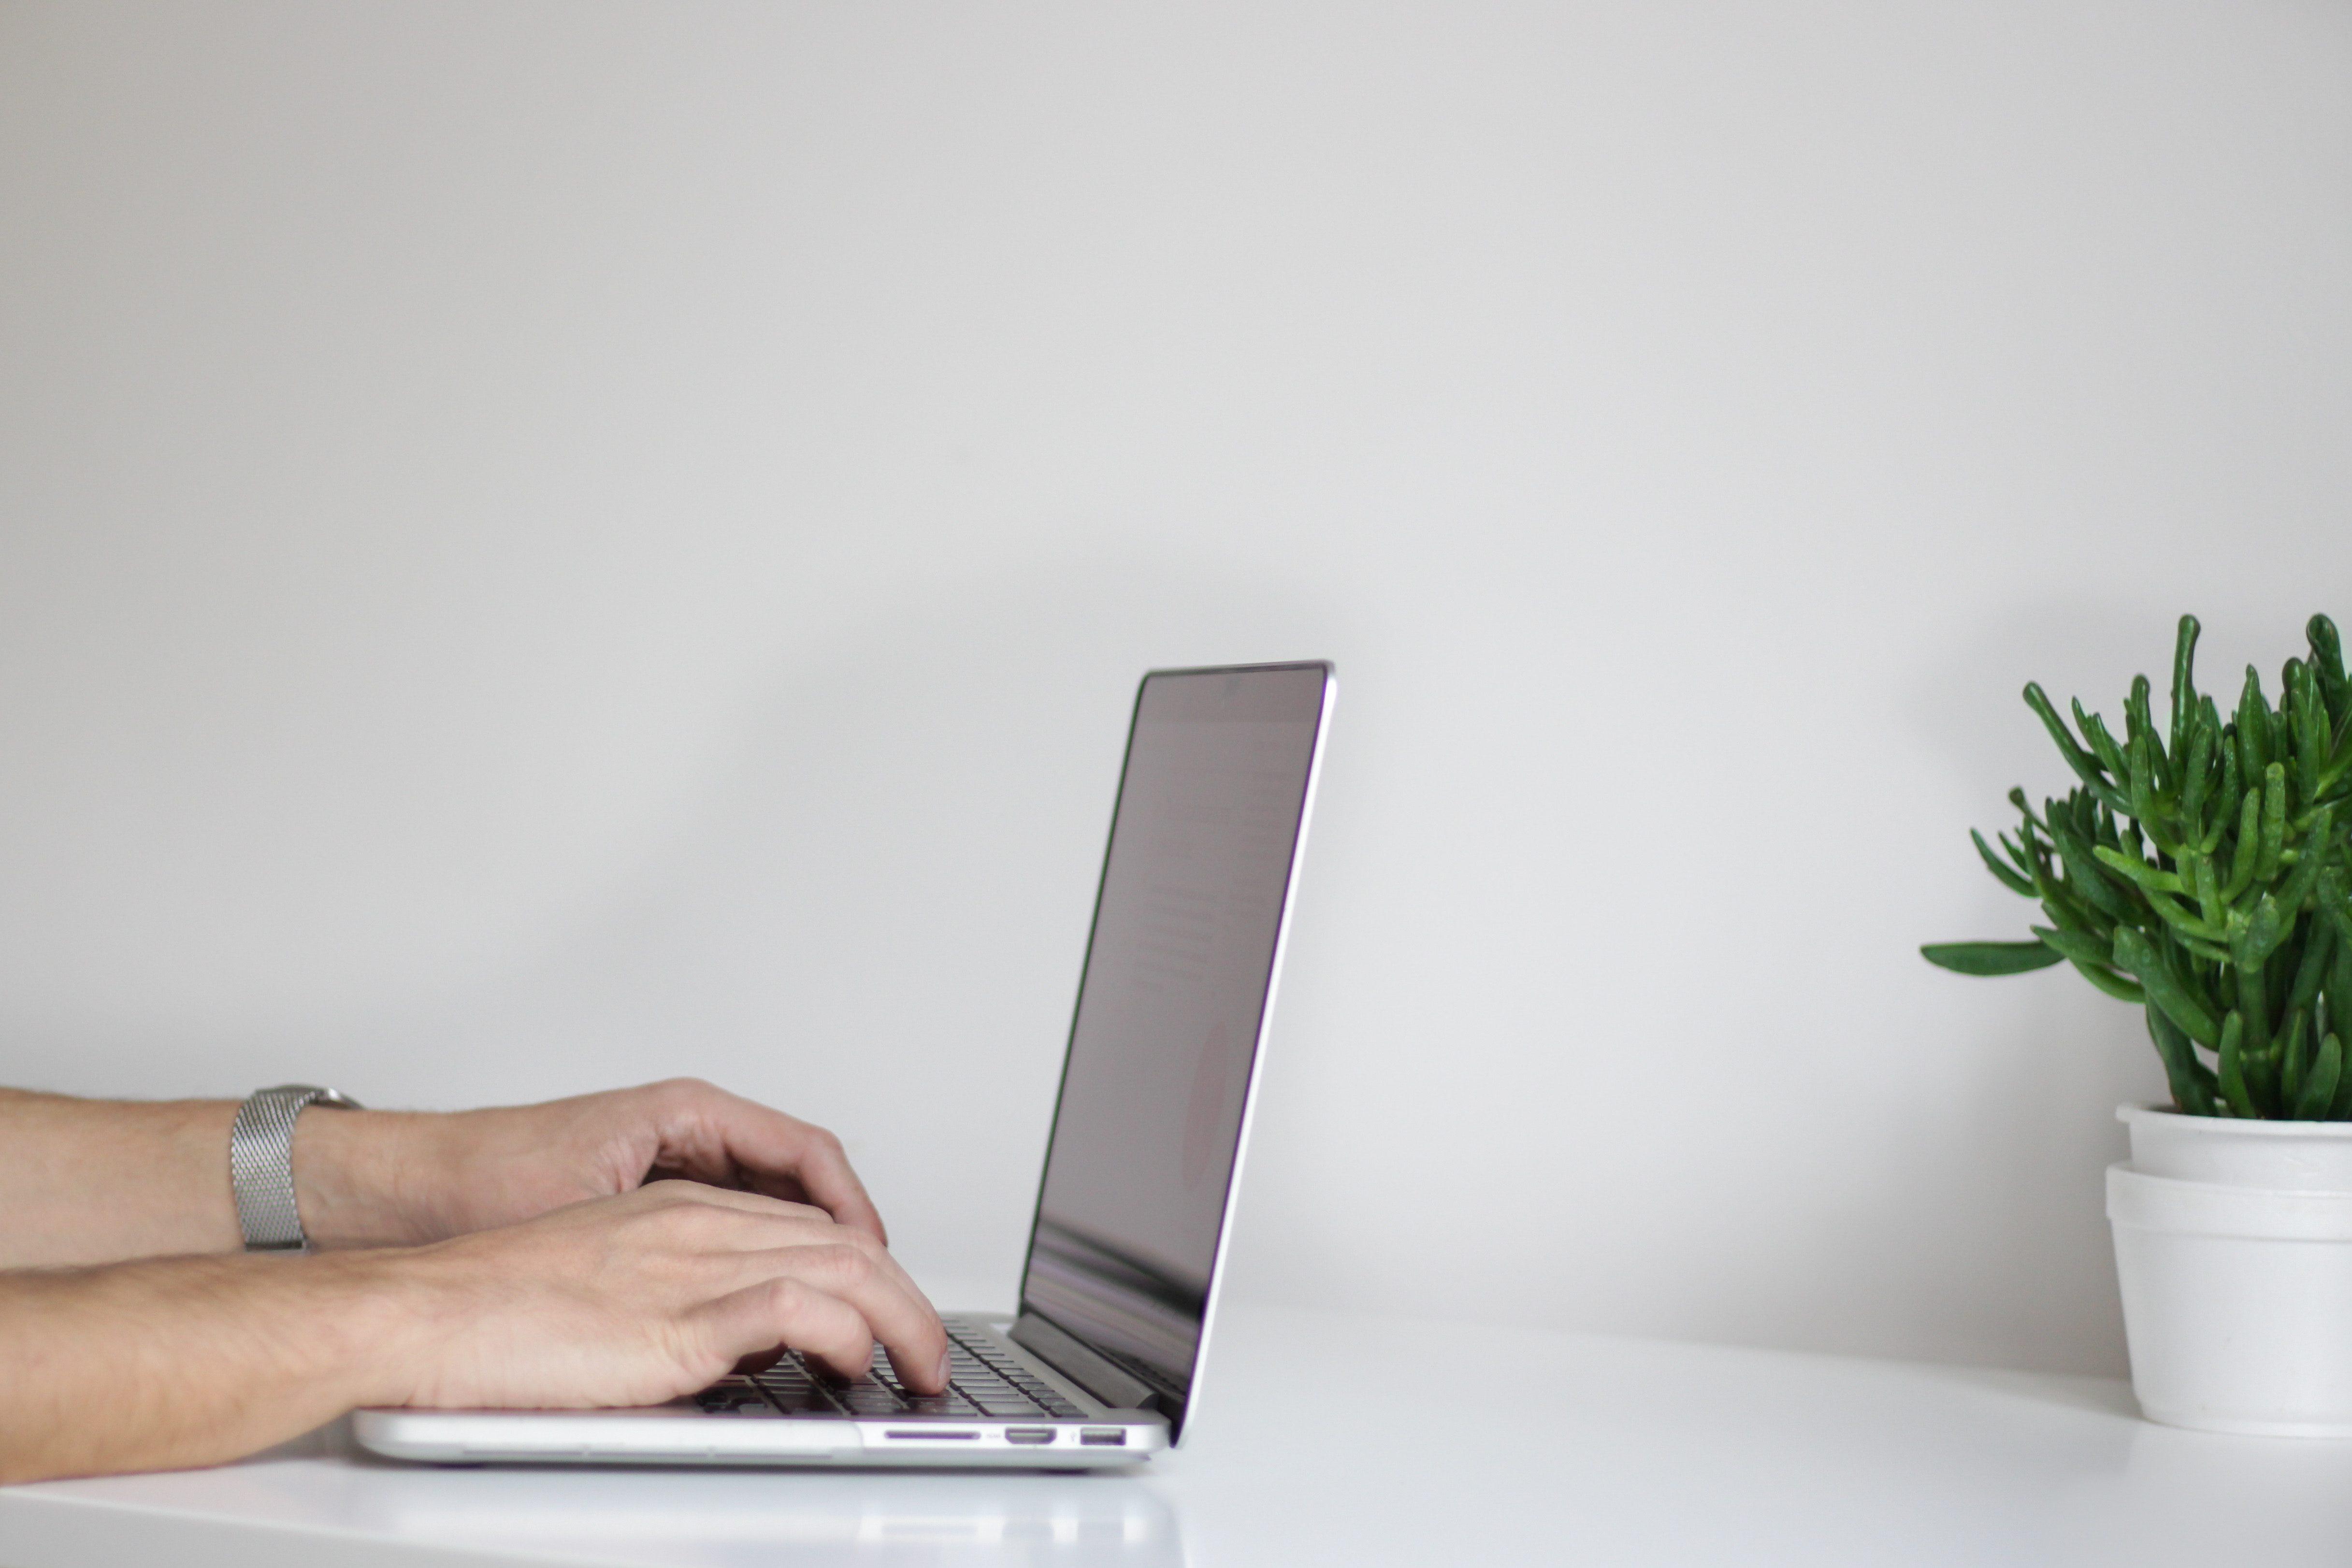 corsi online sicurezza aziendale proevo